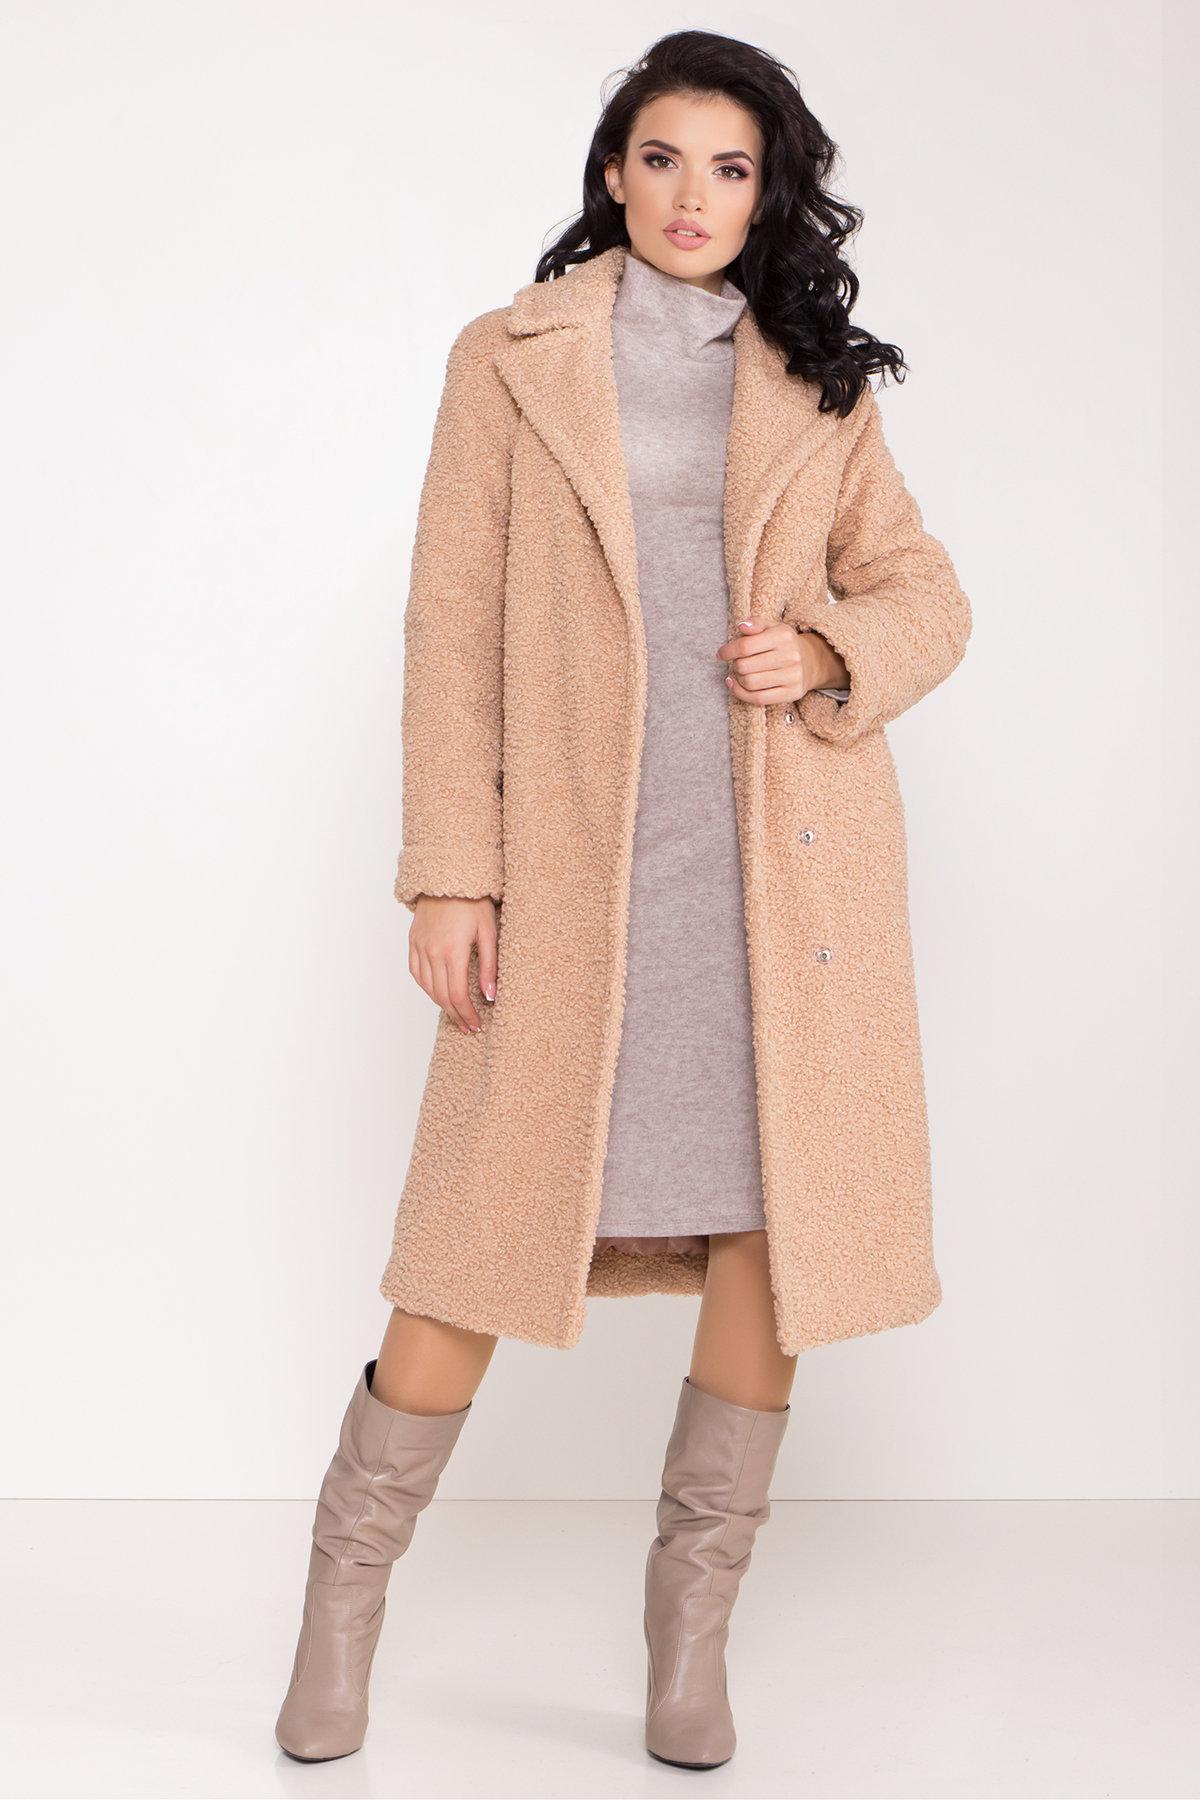 Пальто из эко меха Приора 8564 АРТ. 44886 Цвет: Бежевый - фото 2, интернет магазин tm-modus.ru